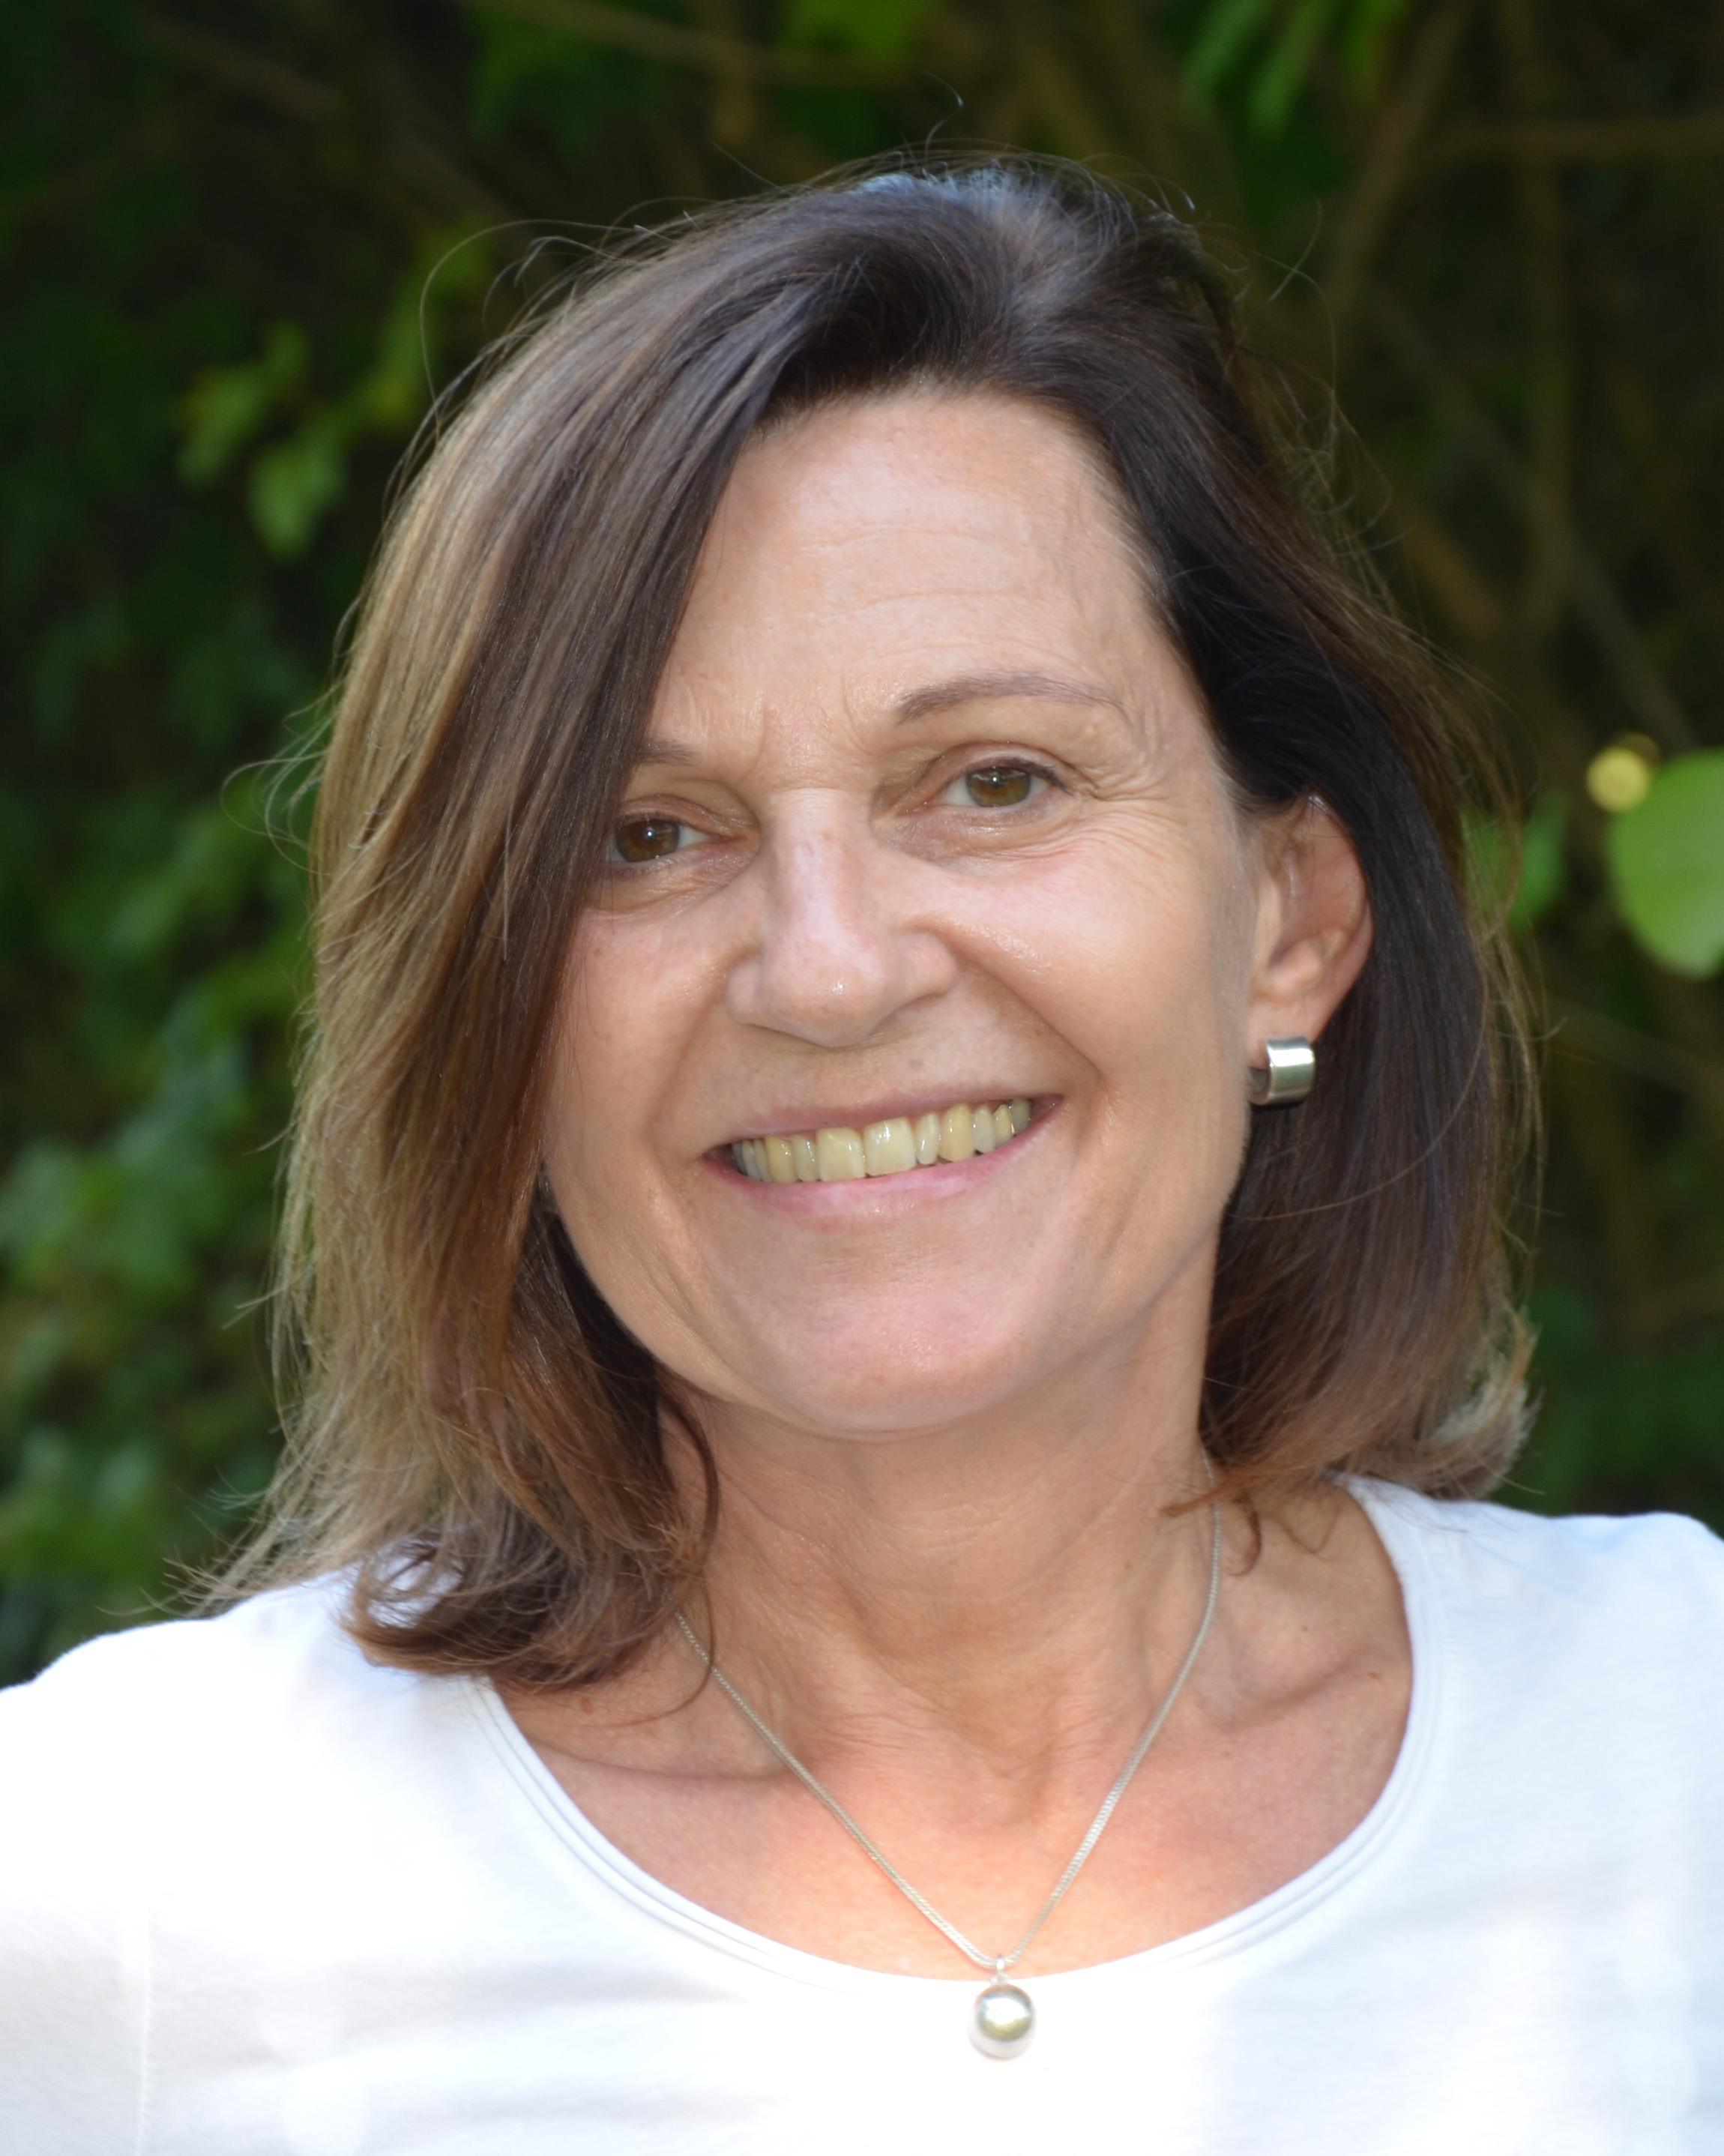 Claudia PFIRRMANN